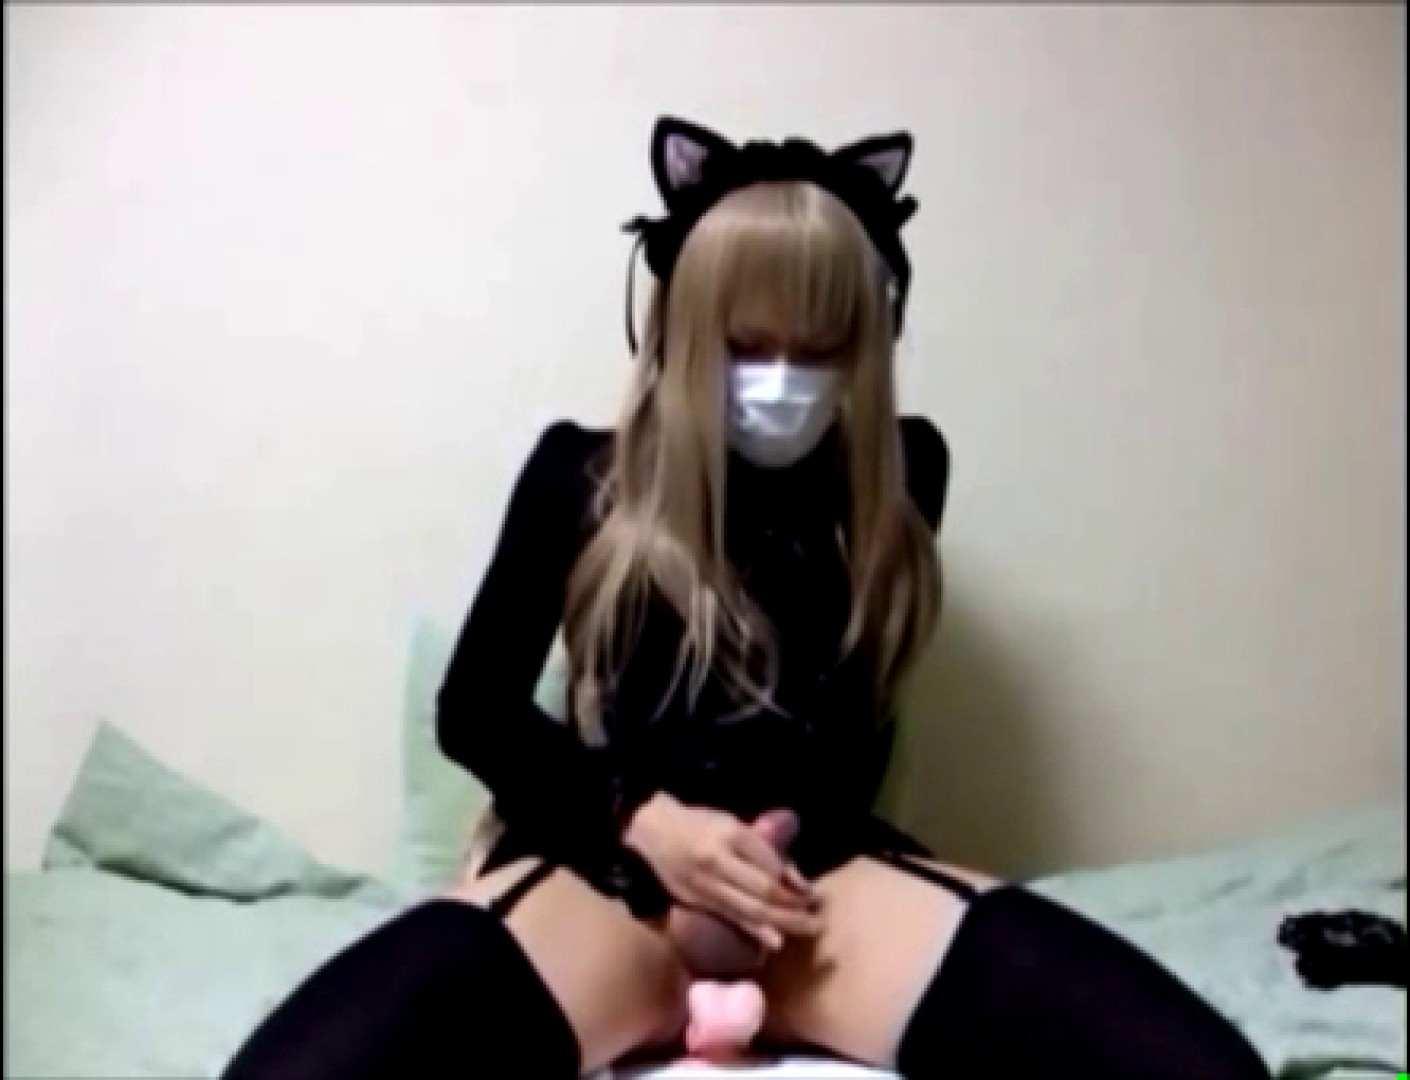 男のKOスプレー!Vol.12 流出作品 ゲイアダルトビデオ画像 105pic 14